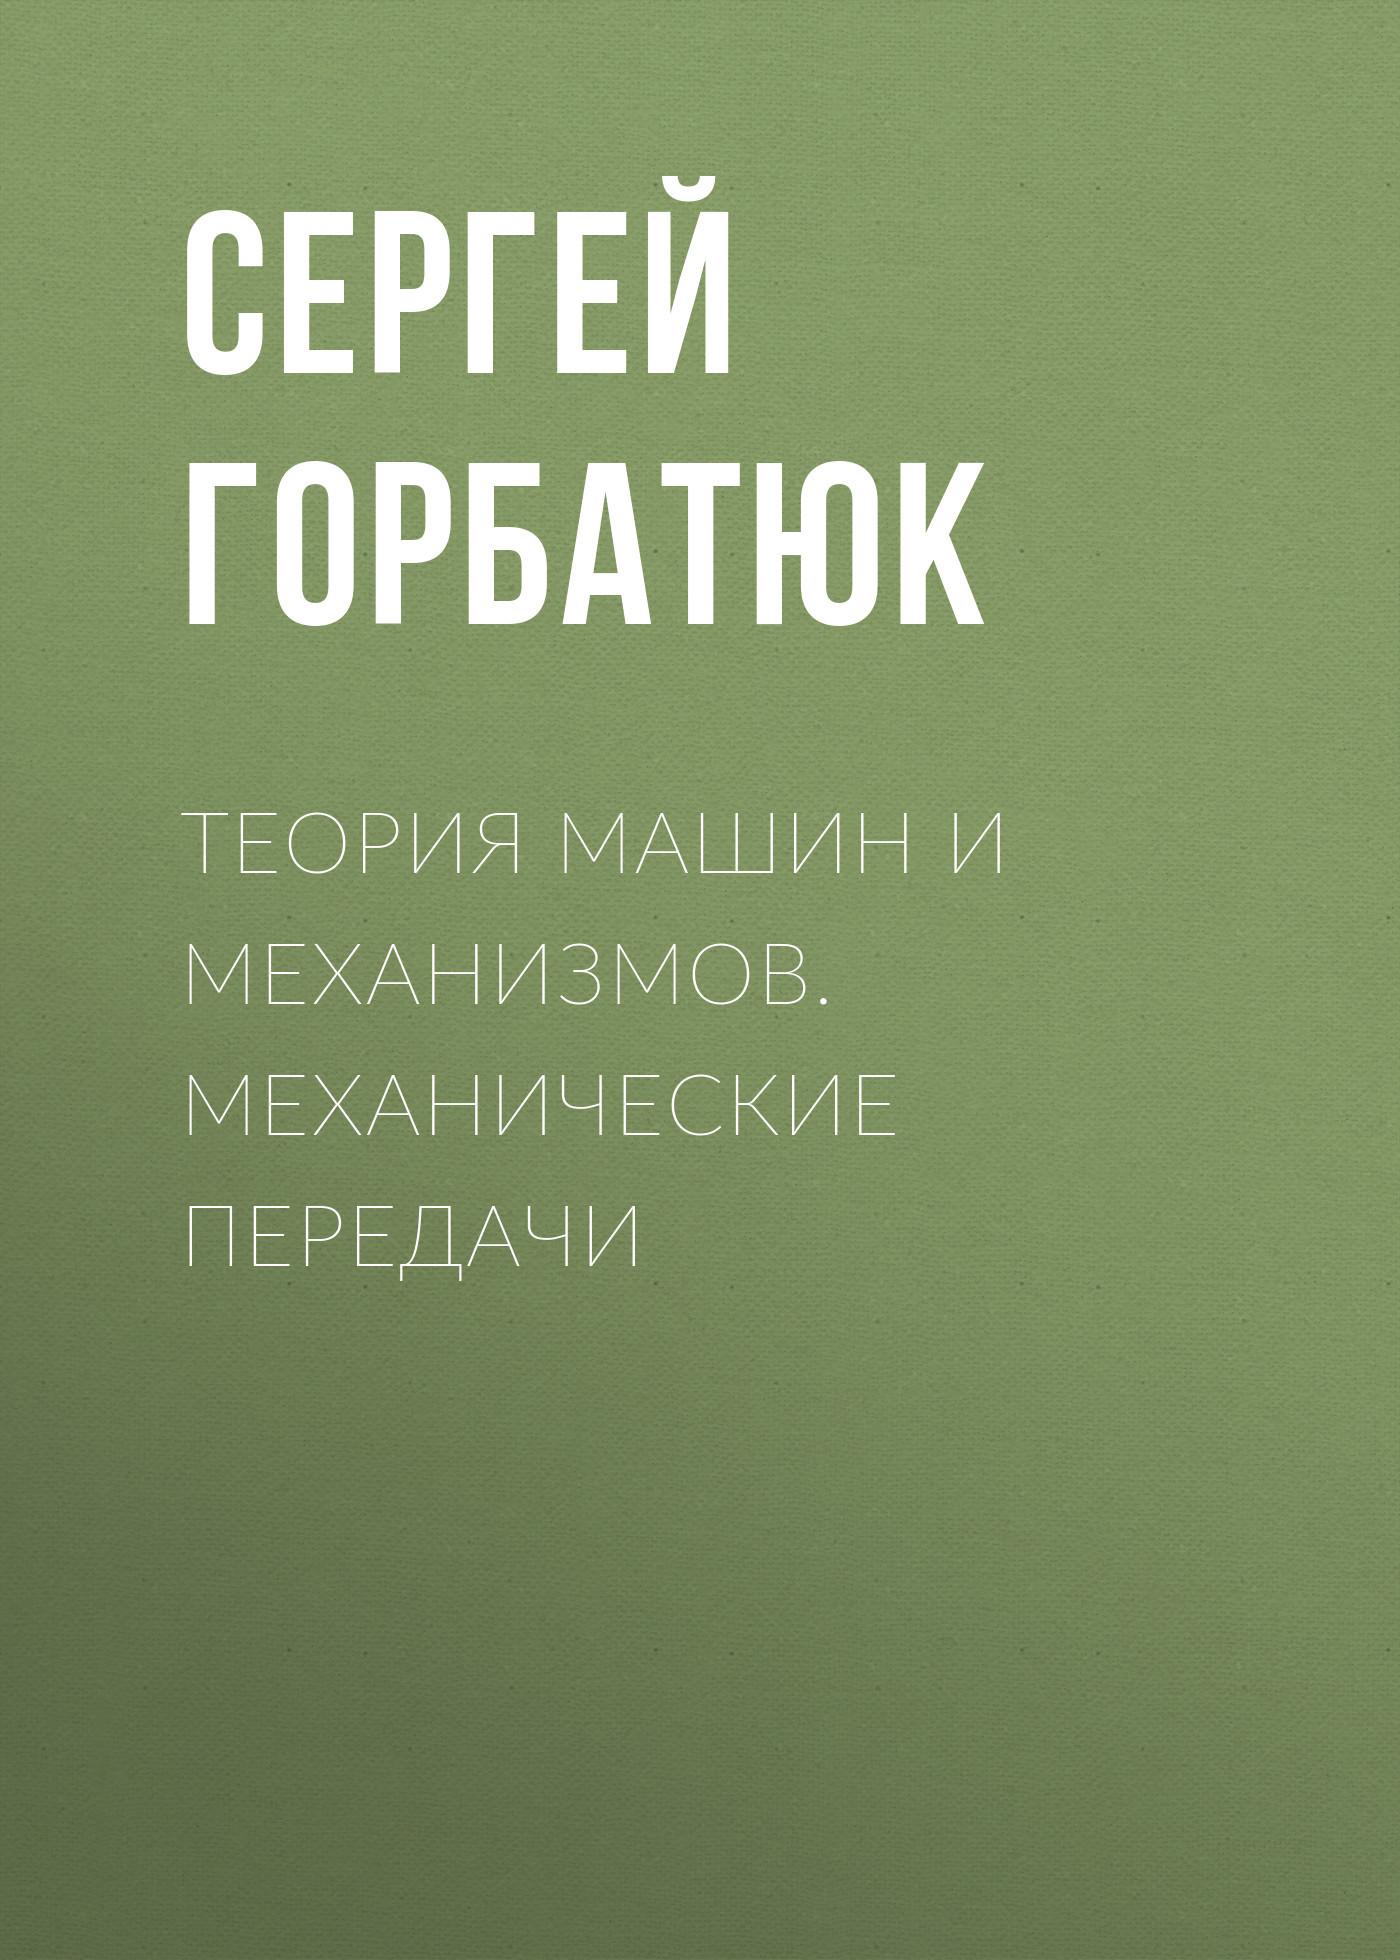 Сергей Горбатюк Теория машин и механизмов. Механические передачи